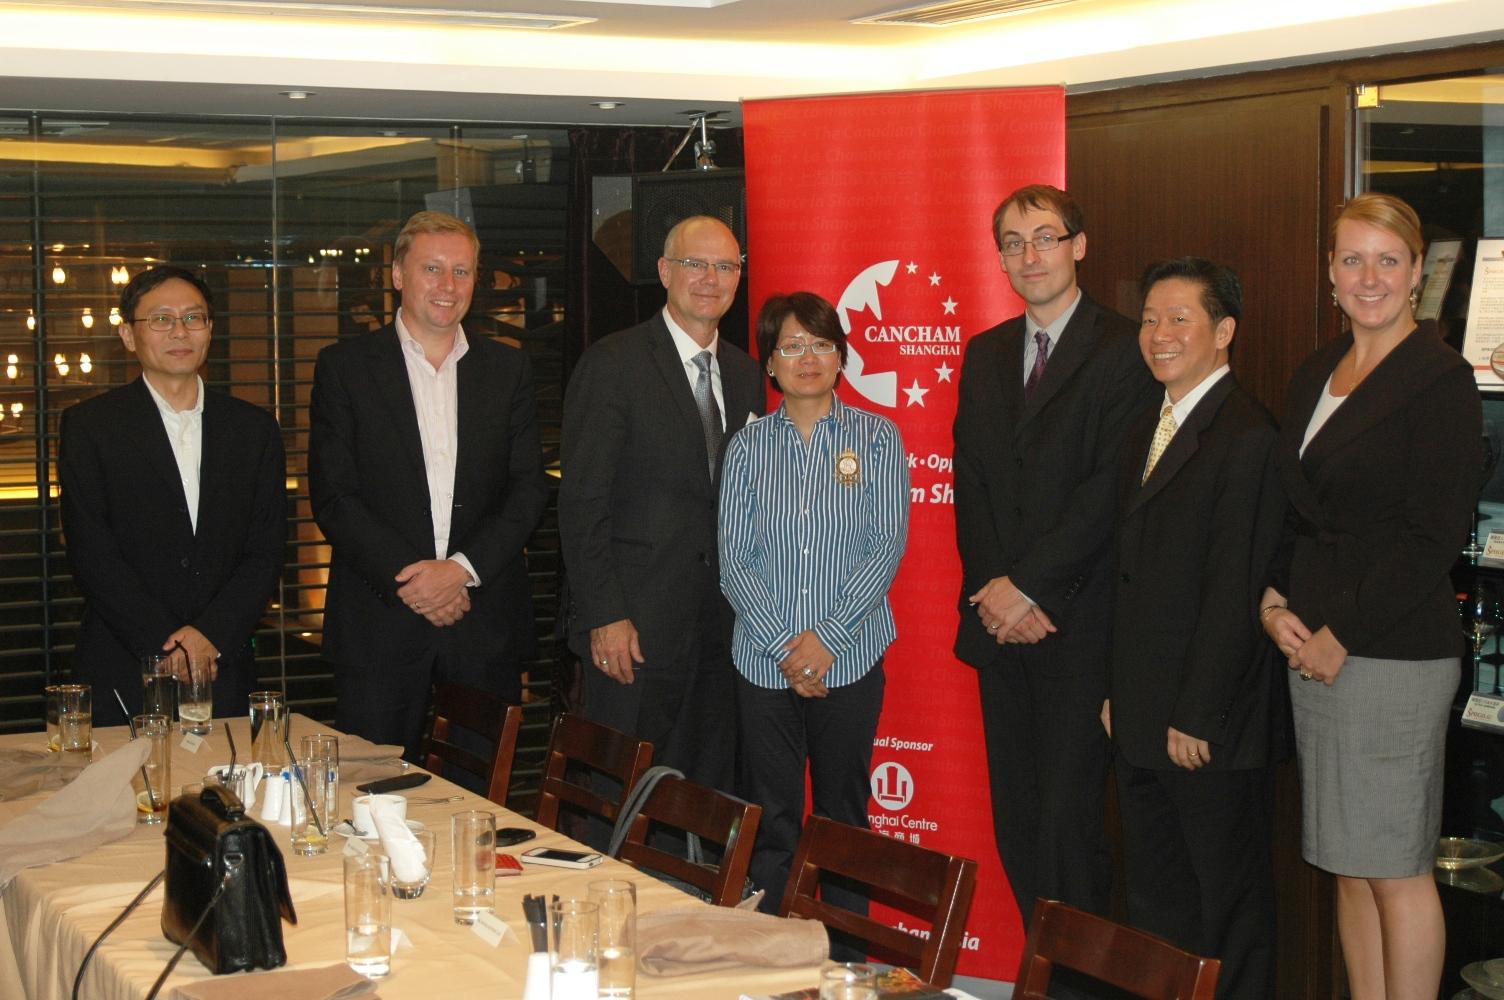 2012年10月22日:  上海商会午膳